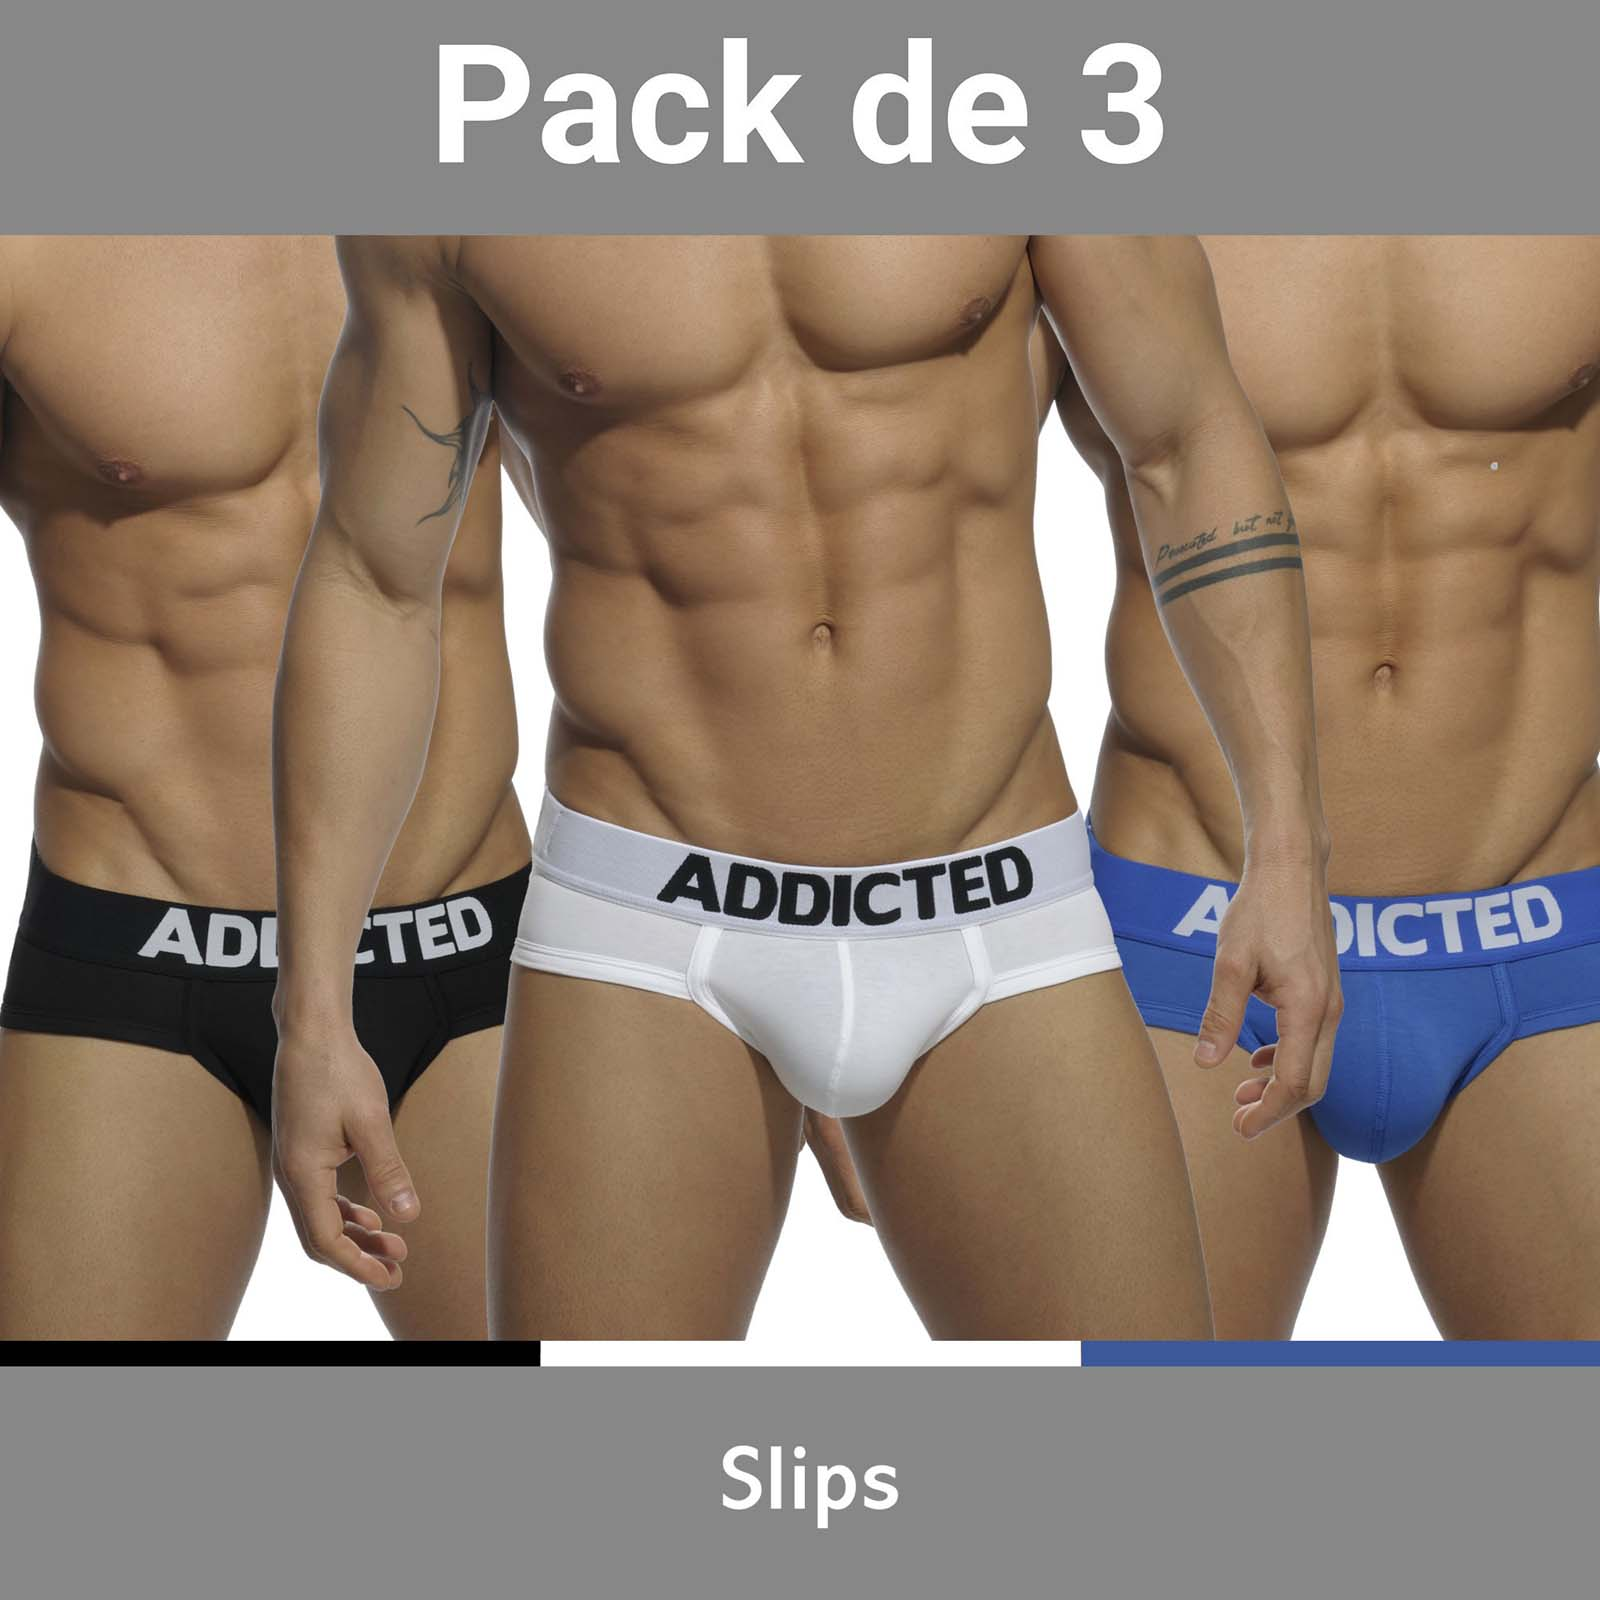 Pack of Briefs Addicted AD420P